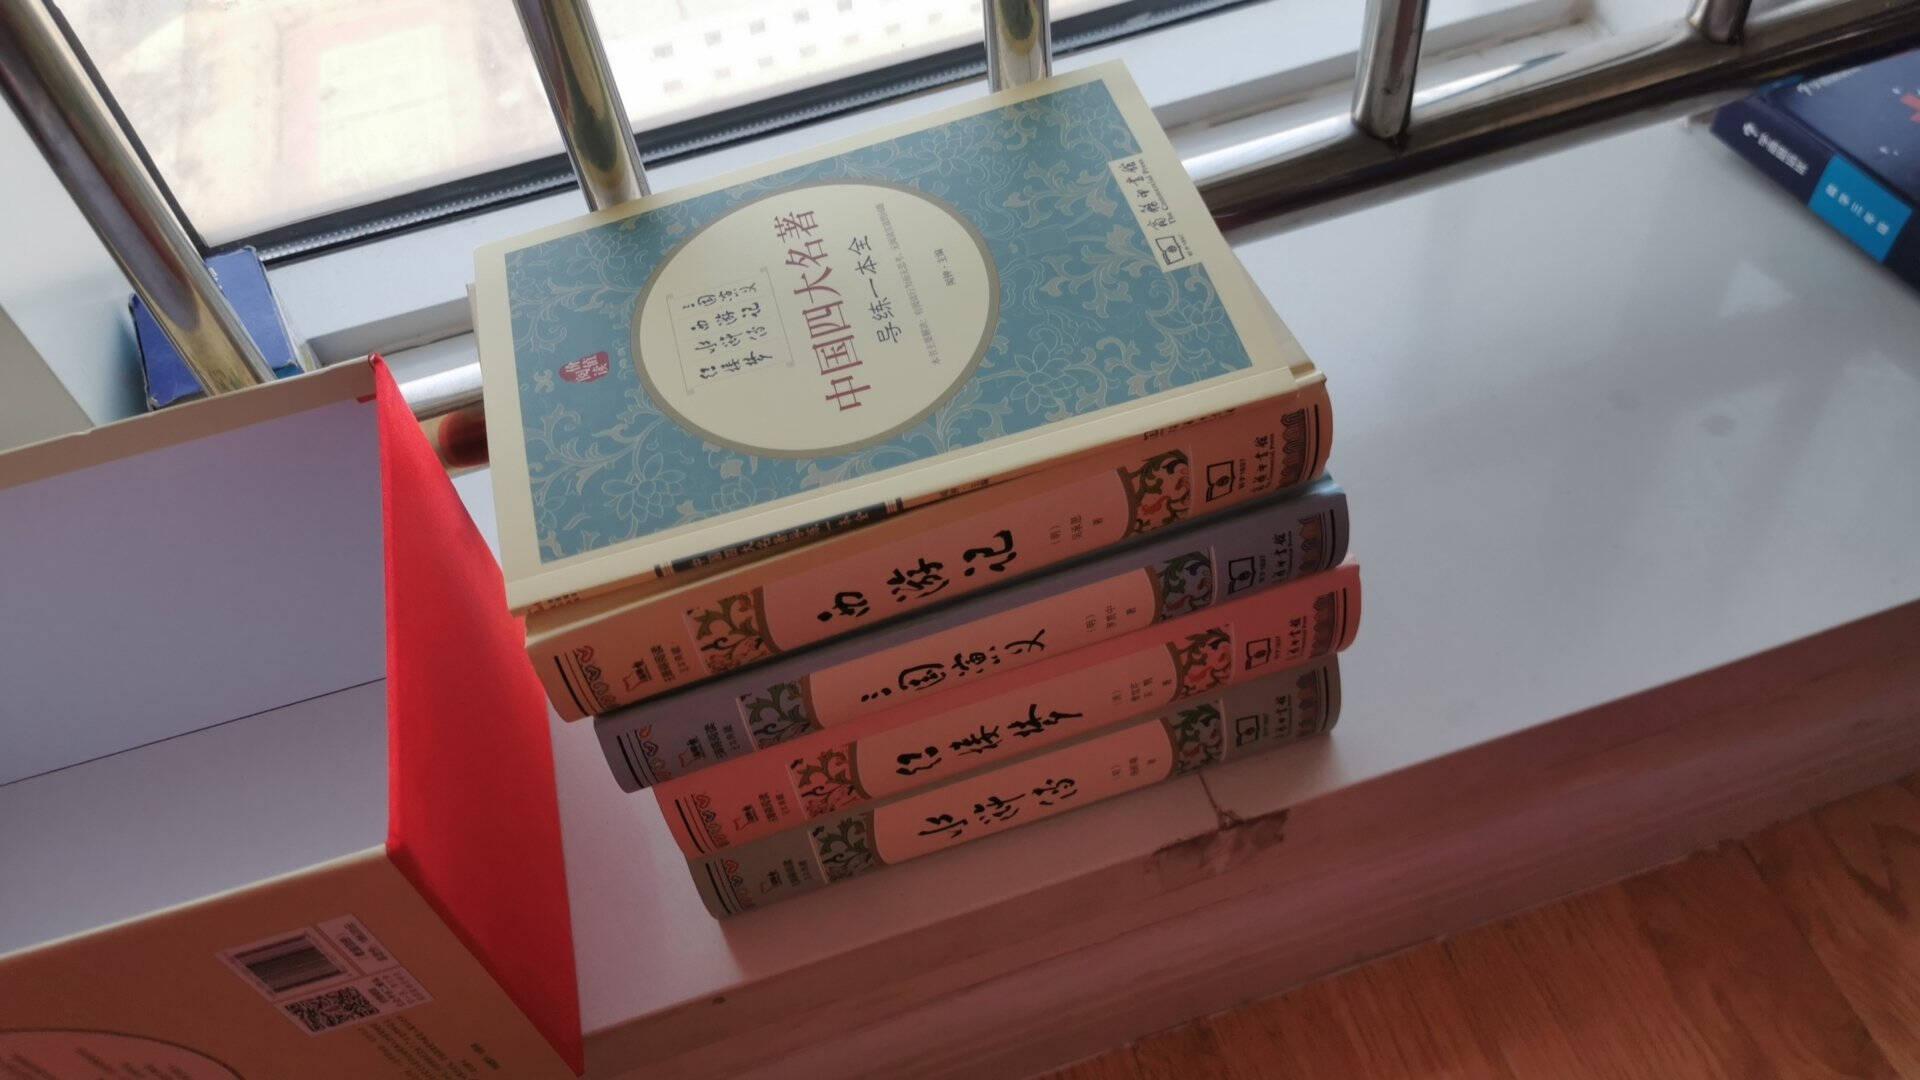 四大名著精装三国演义+水浒传+红楼梦+西游记(共4册)商务印书馆附加品在盒内请仔细查找